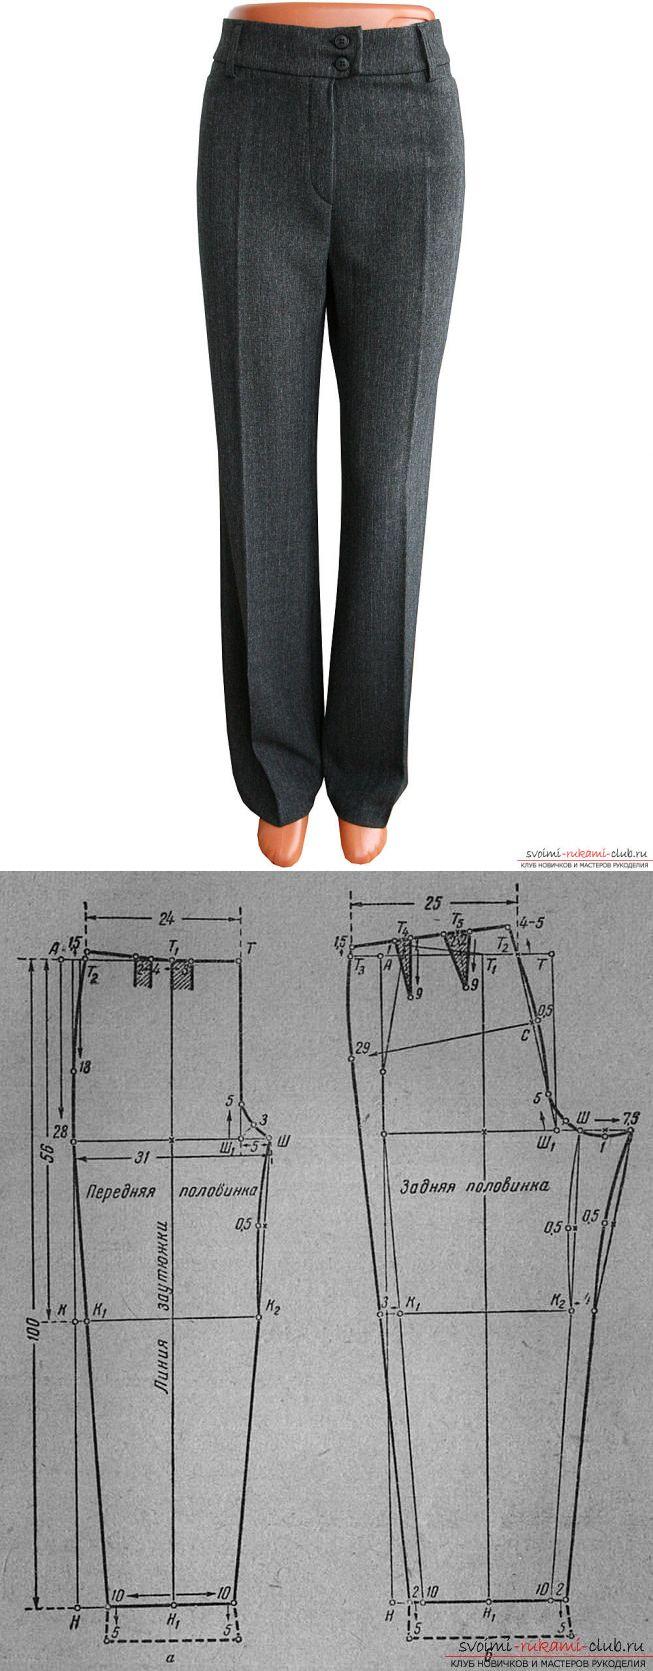 #costura #moldes #croquis